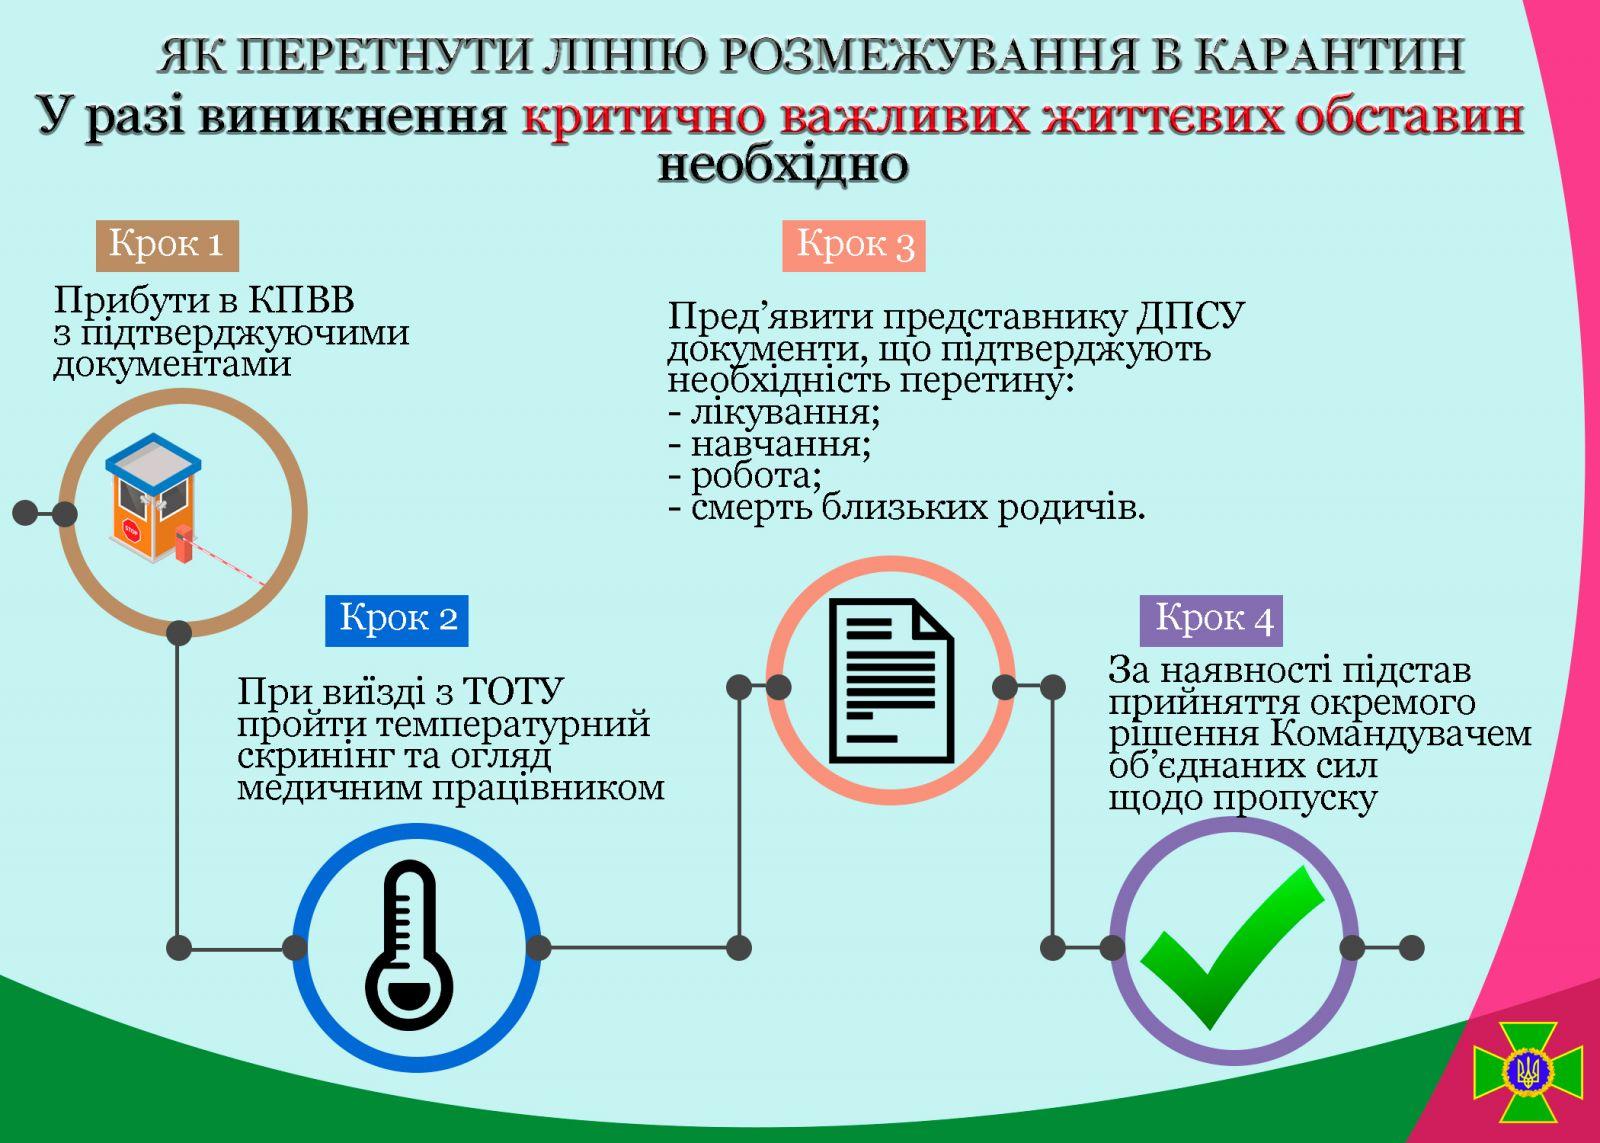 Коронавірус на Донбасі: прикордонники уточнили вимоги для перетину КПВВ